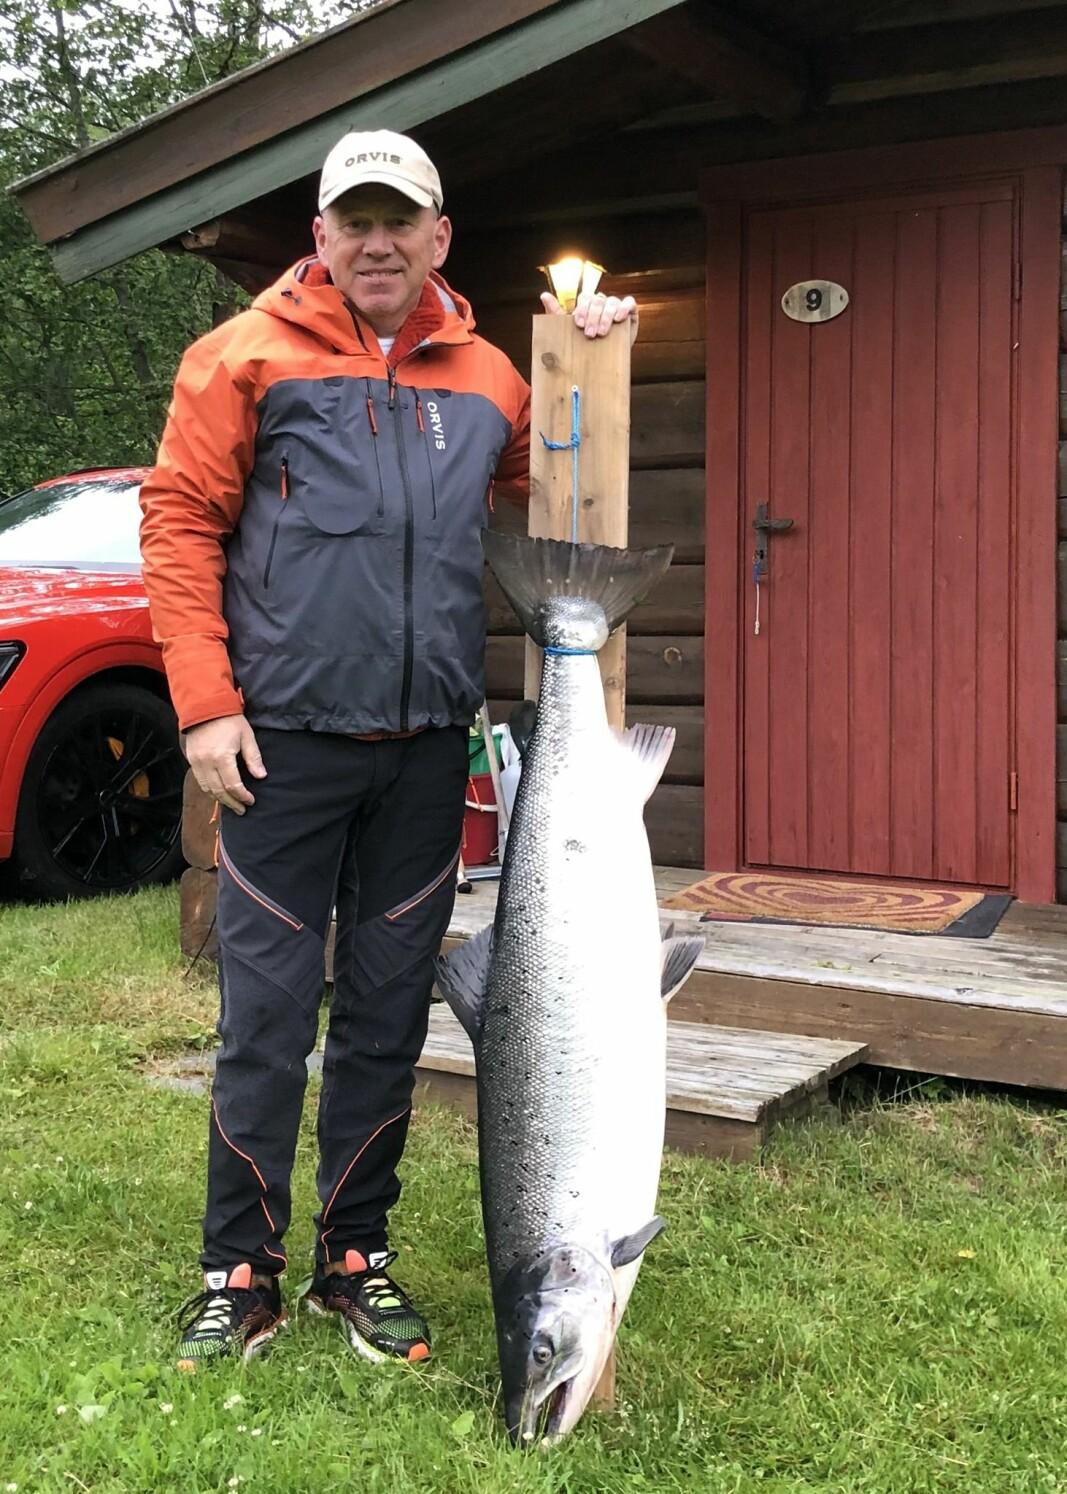 Leif Gundersen, 19.0 kg